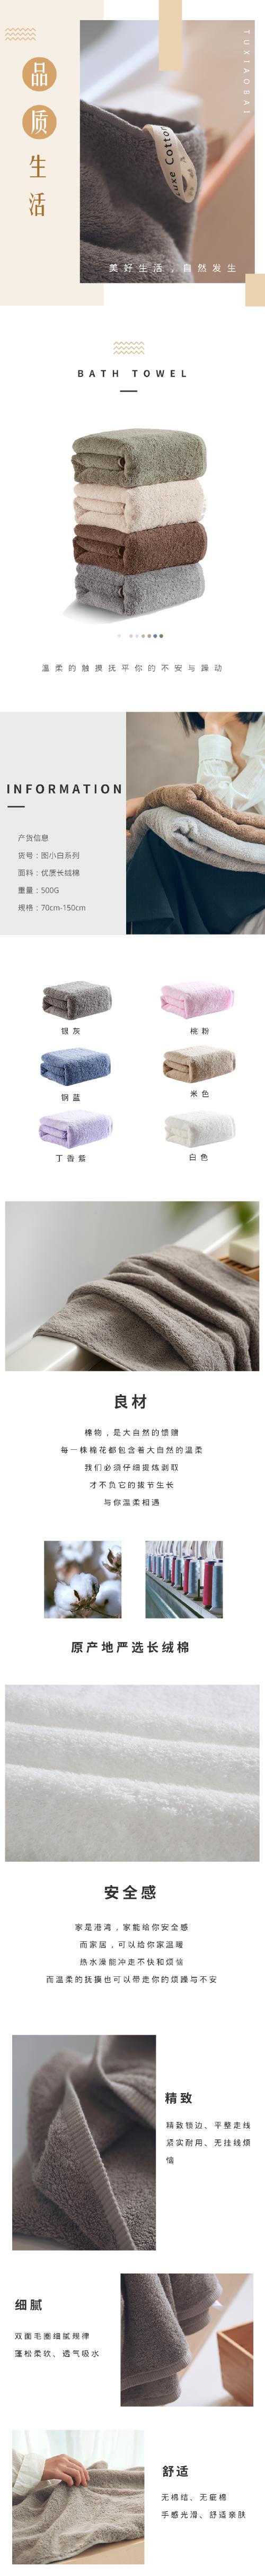 $文藝淘寶電商家居毛巾產品詳情頁